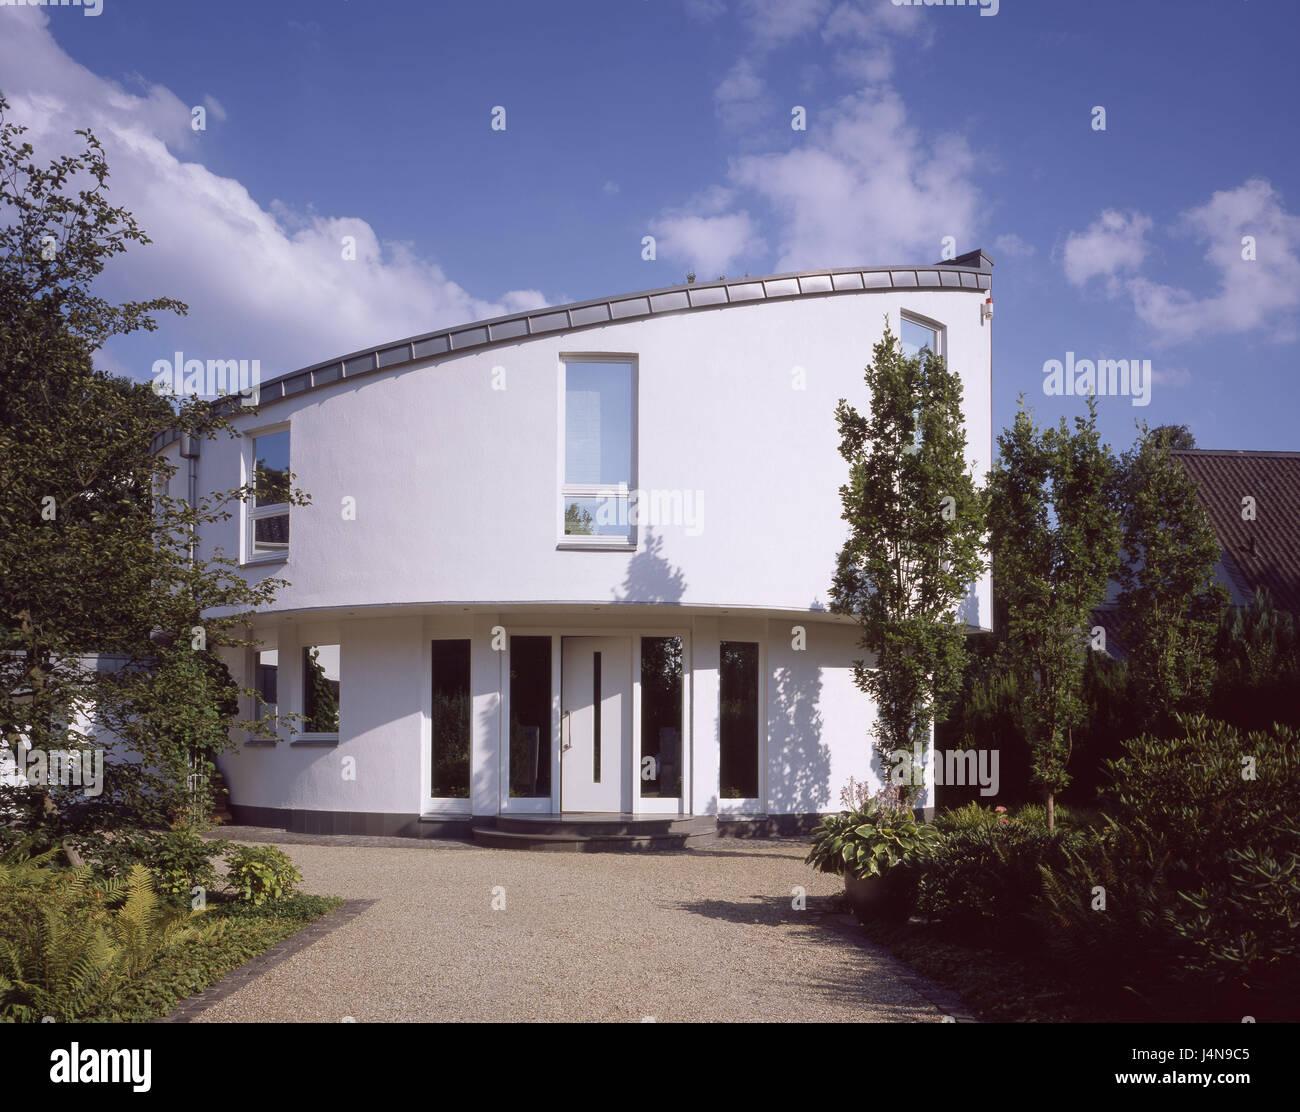 Einfamilienhaus, moderne, Eingangs-Bereich, Wohnhaus, Haus, Gebäude ...